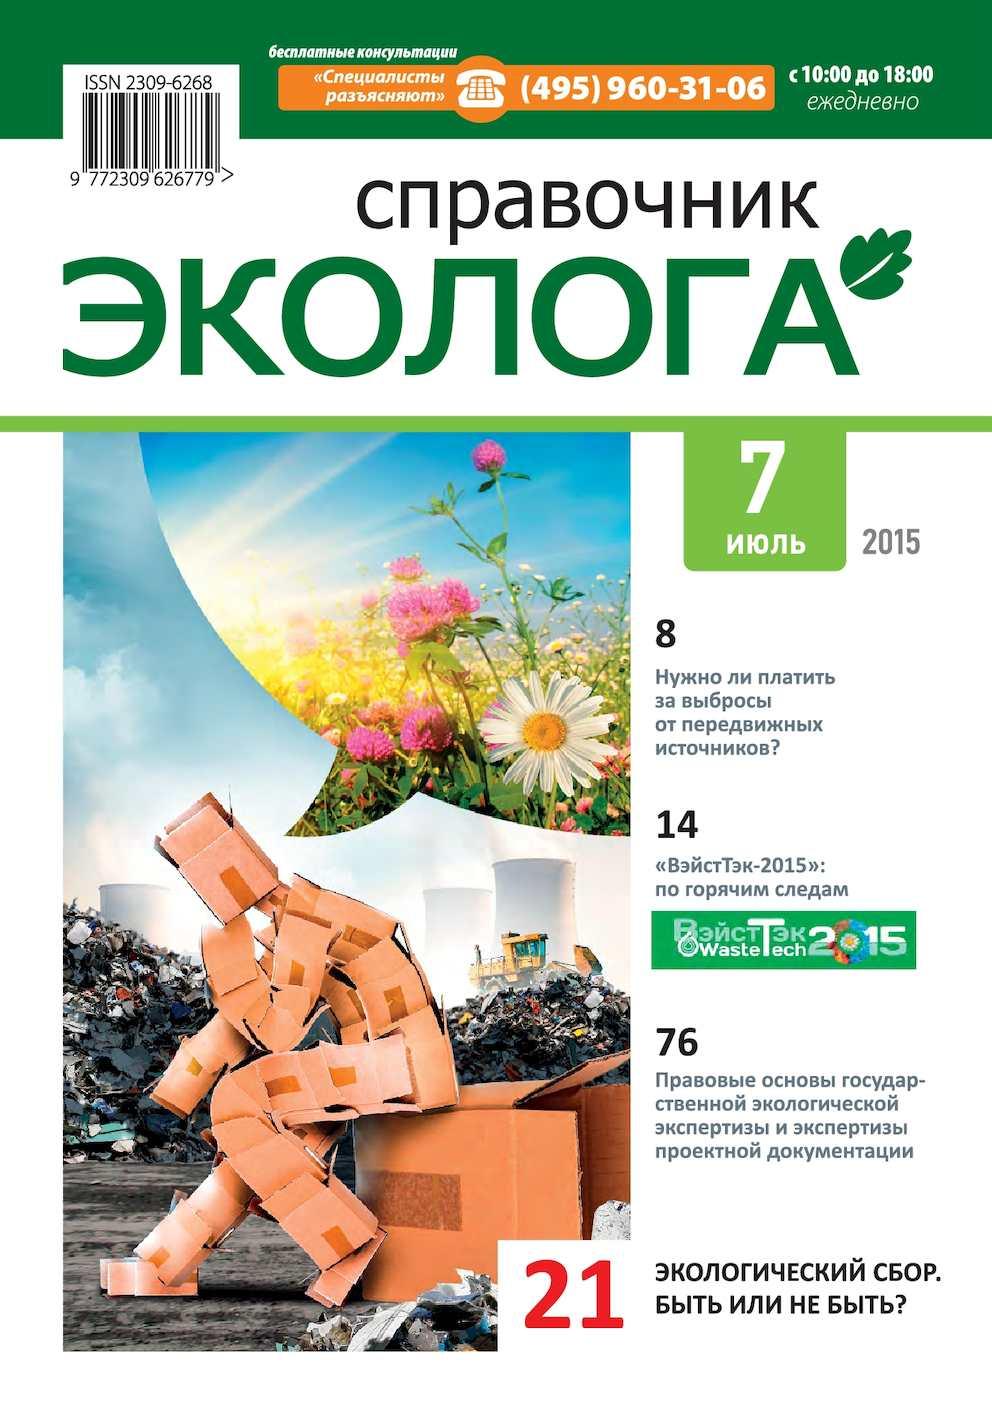 расчет объема образования отходов письмо в экологию образец